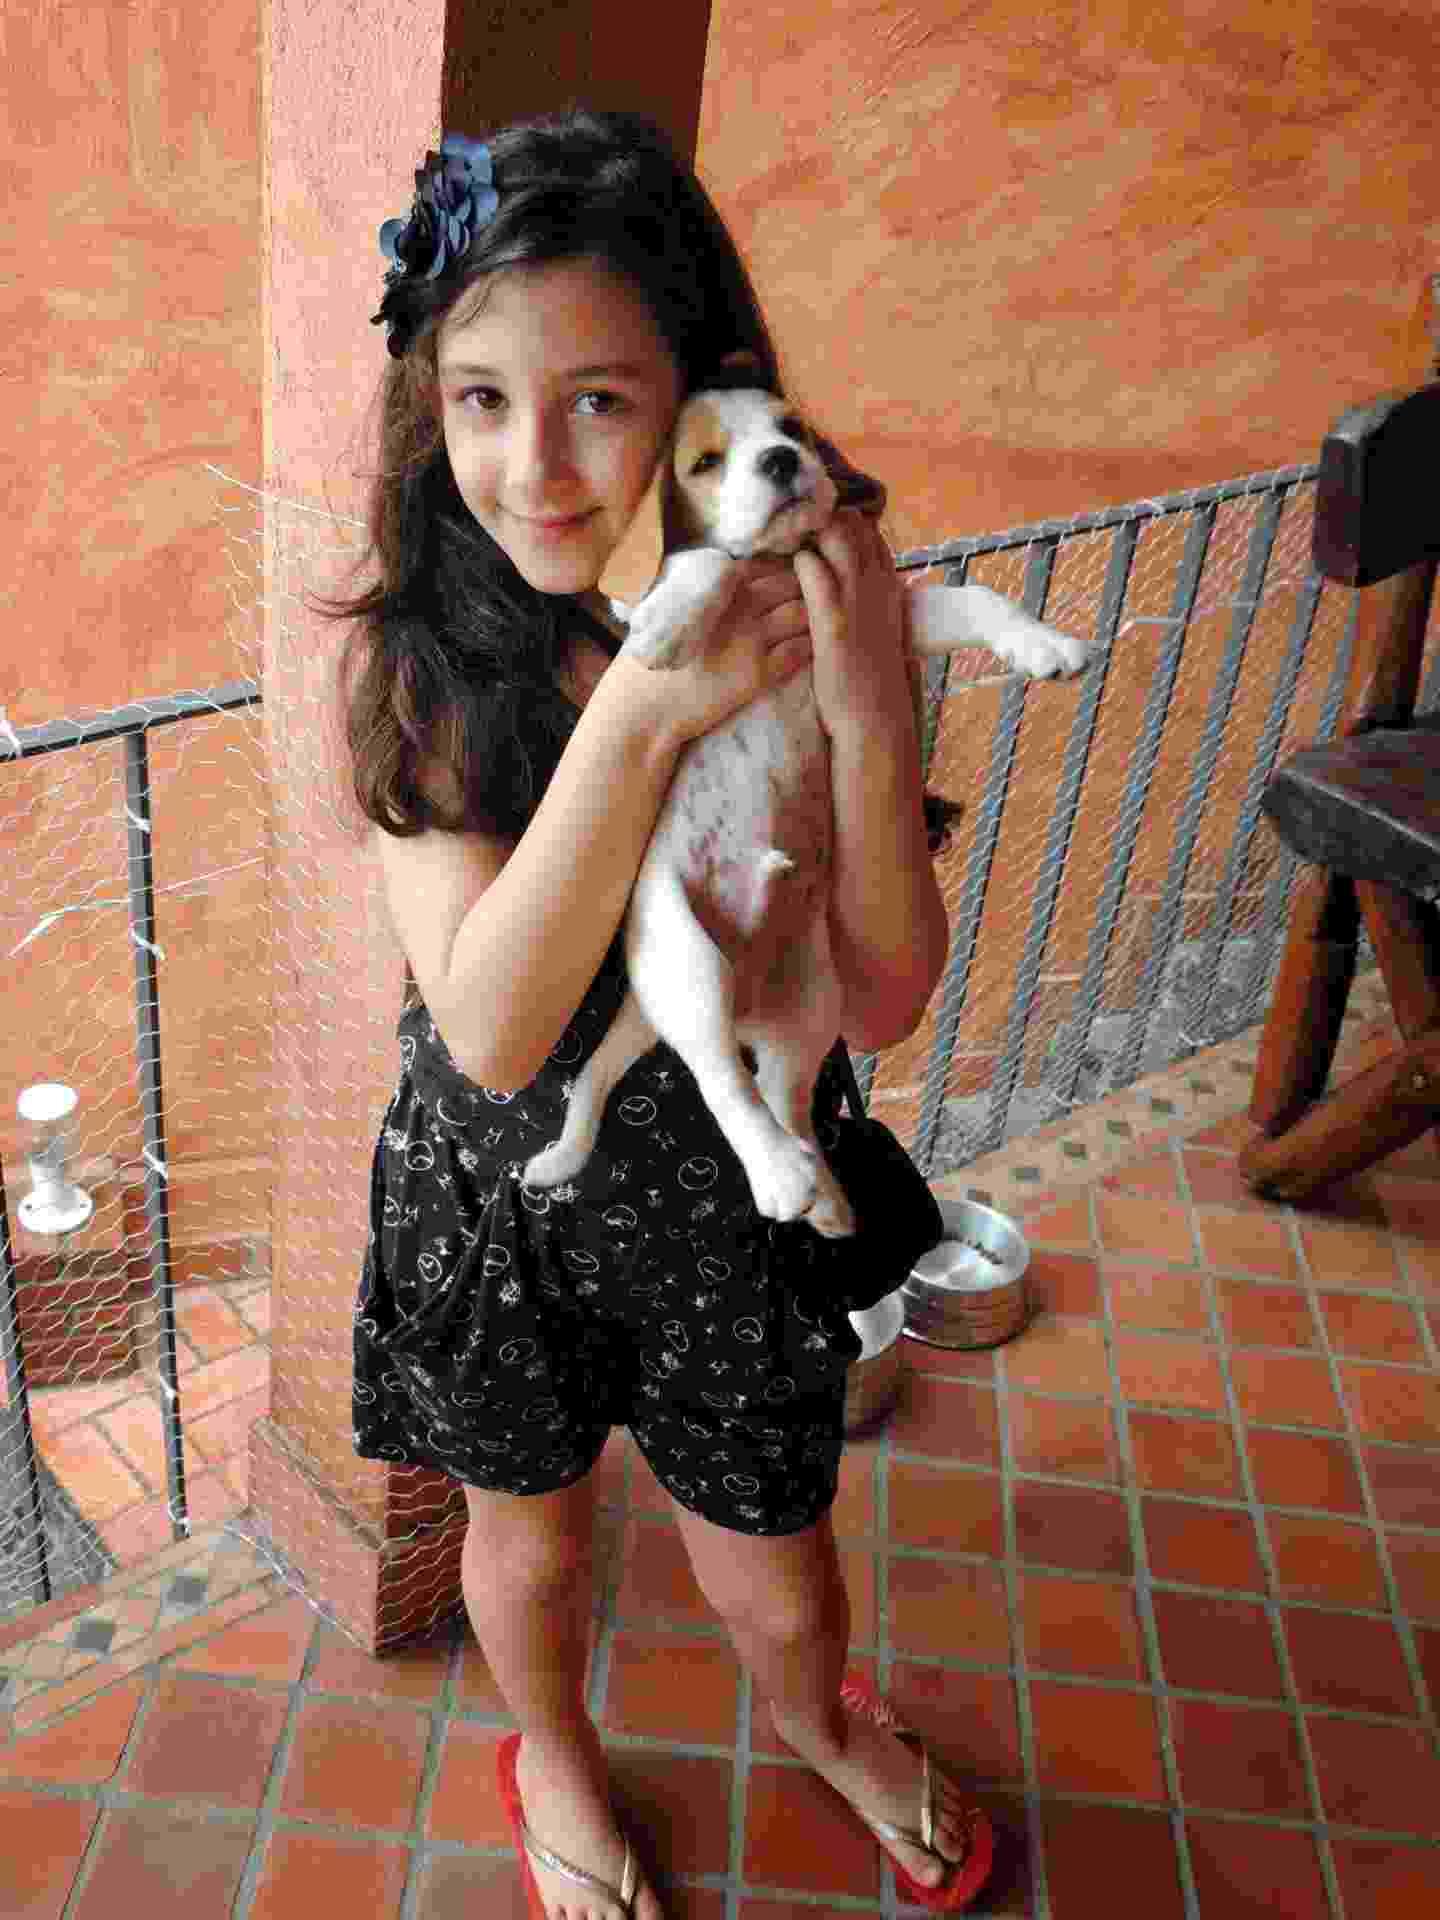 """Bianca, 7 anos, tem em casa o poodle Pompom, 5, e o beagle Sherlock, 8 meses. A editora de livros Angélica Pozzani, mãe da menina, diz que, apesar de a filha ser carinhosa, a relação com o animal mais velho é um tanto tumultuada. """"Nosso poodle é muito nervoso e temperamental e já a mordeu. Ela e o beagle, no entanto, adoram-se."""" Mesmo com os percalços, a mãe defende a convivência entre crianças e animais de estimação. ?Com os bichos, elas aprendem a ter respeito, a dar afeto."""" - Arquivo Pessoal"""